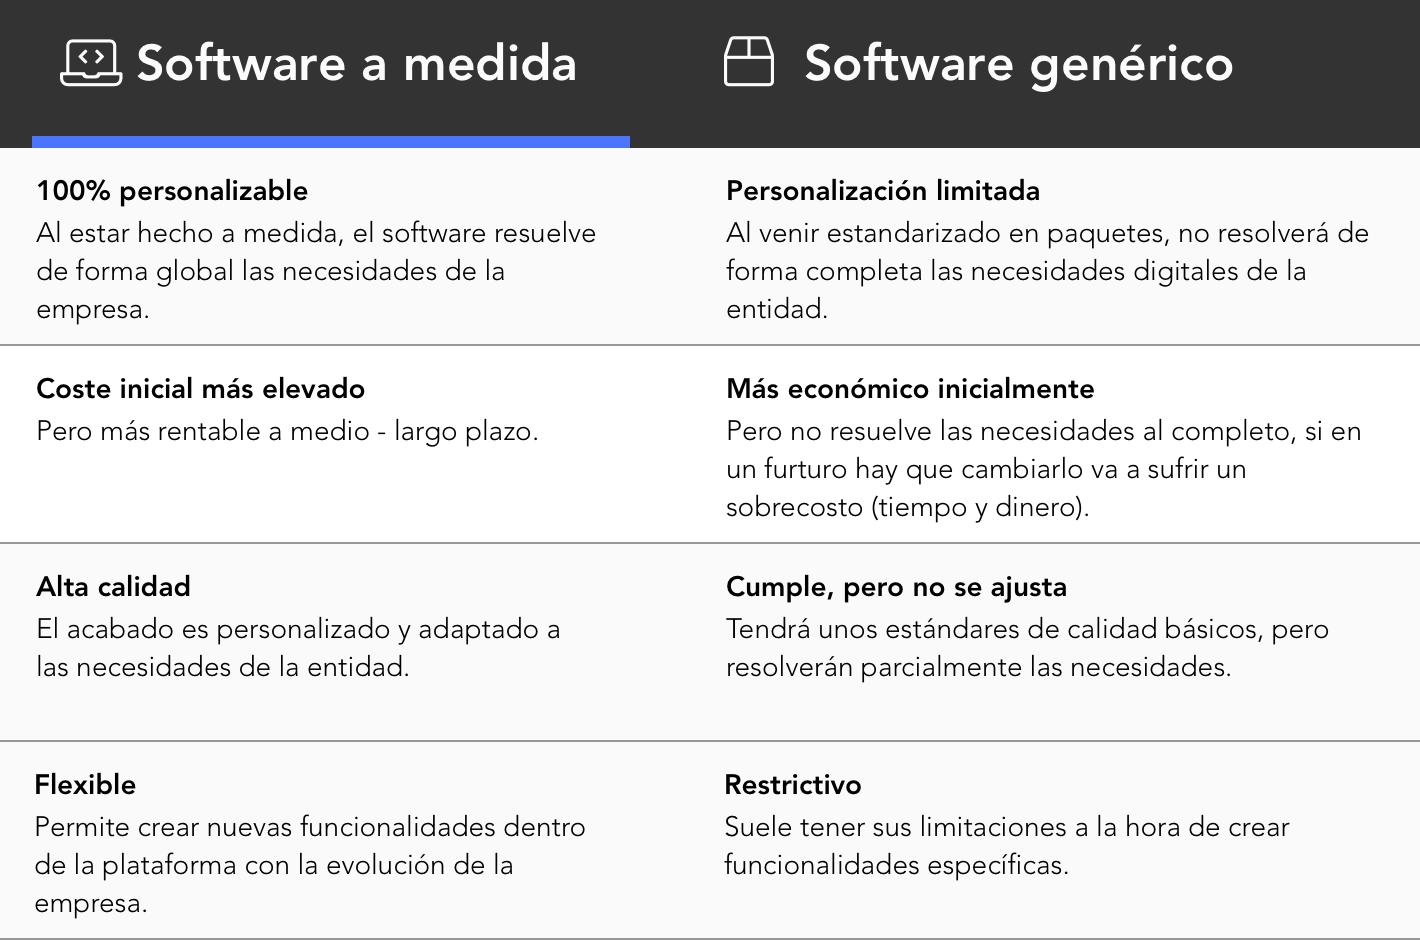 tabla gráfica de diferencias entre software generico y software a medida